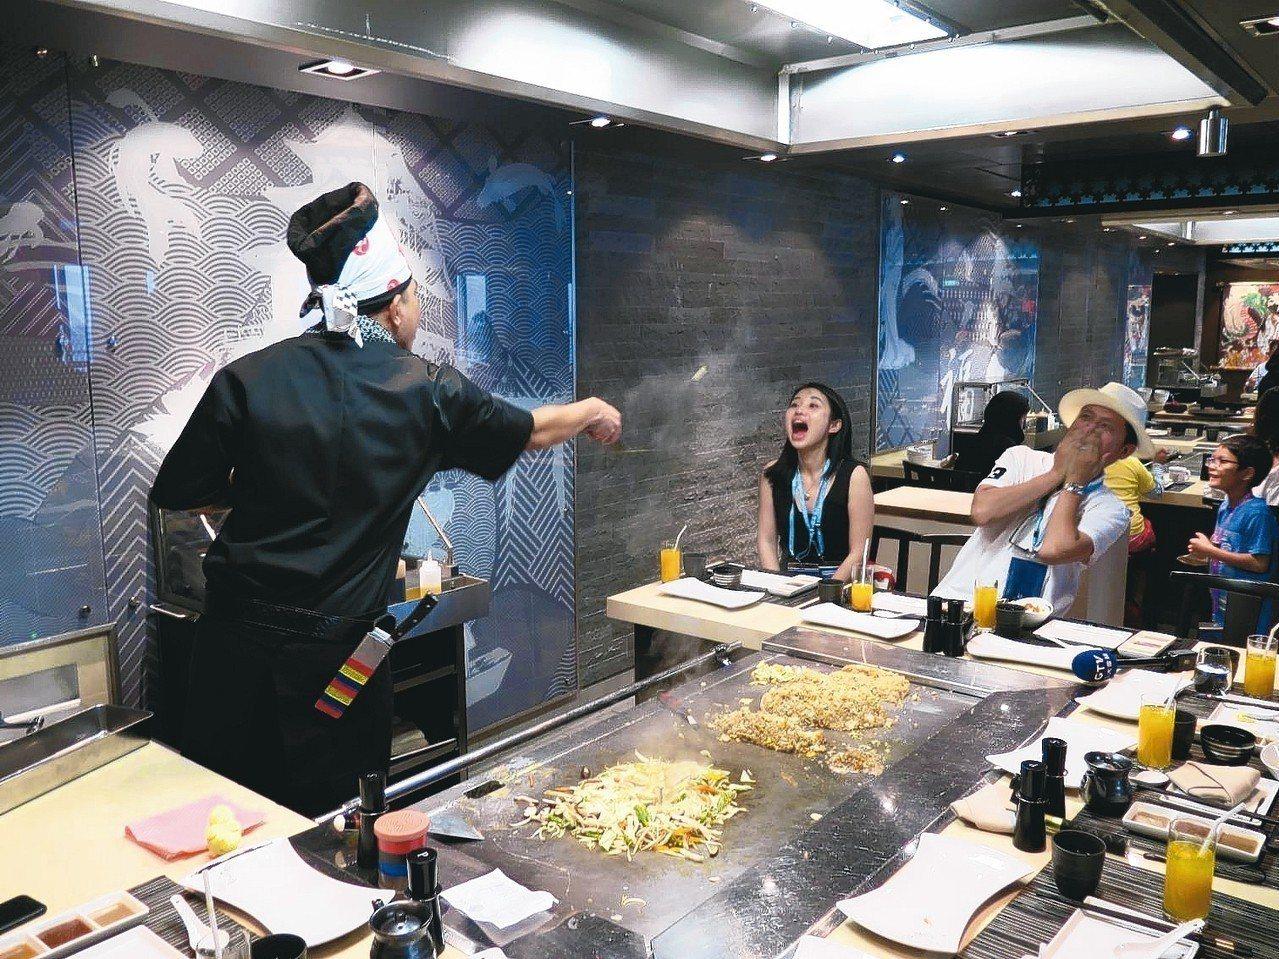 滋味鐵板燒的師傅喜歡跟客人互動,把燒好的蛋遠遠扔進客人嘴裡。 記者葉君遠/攝影